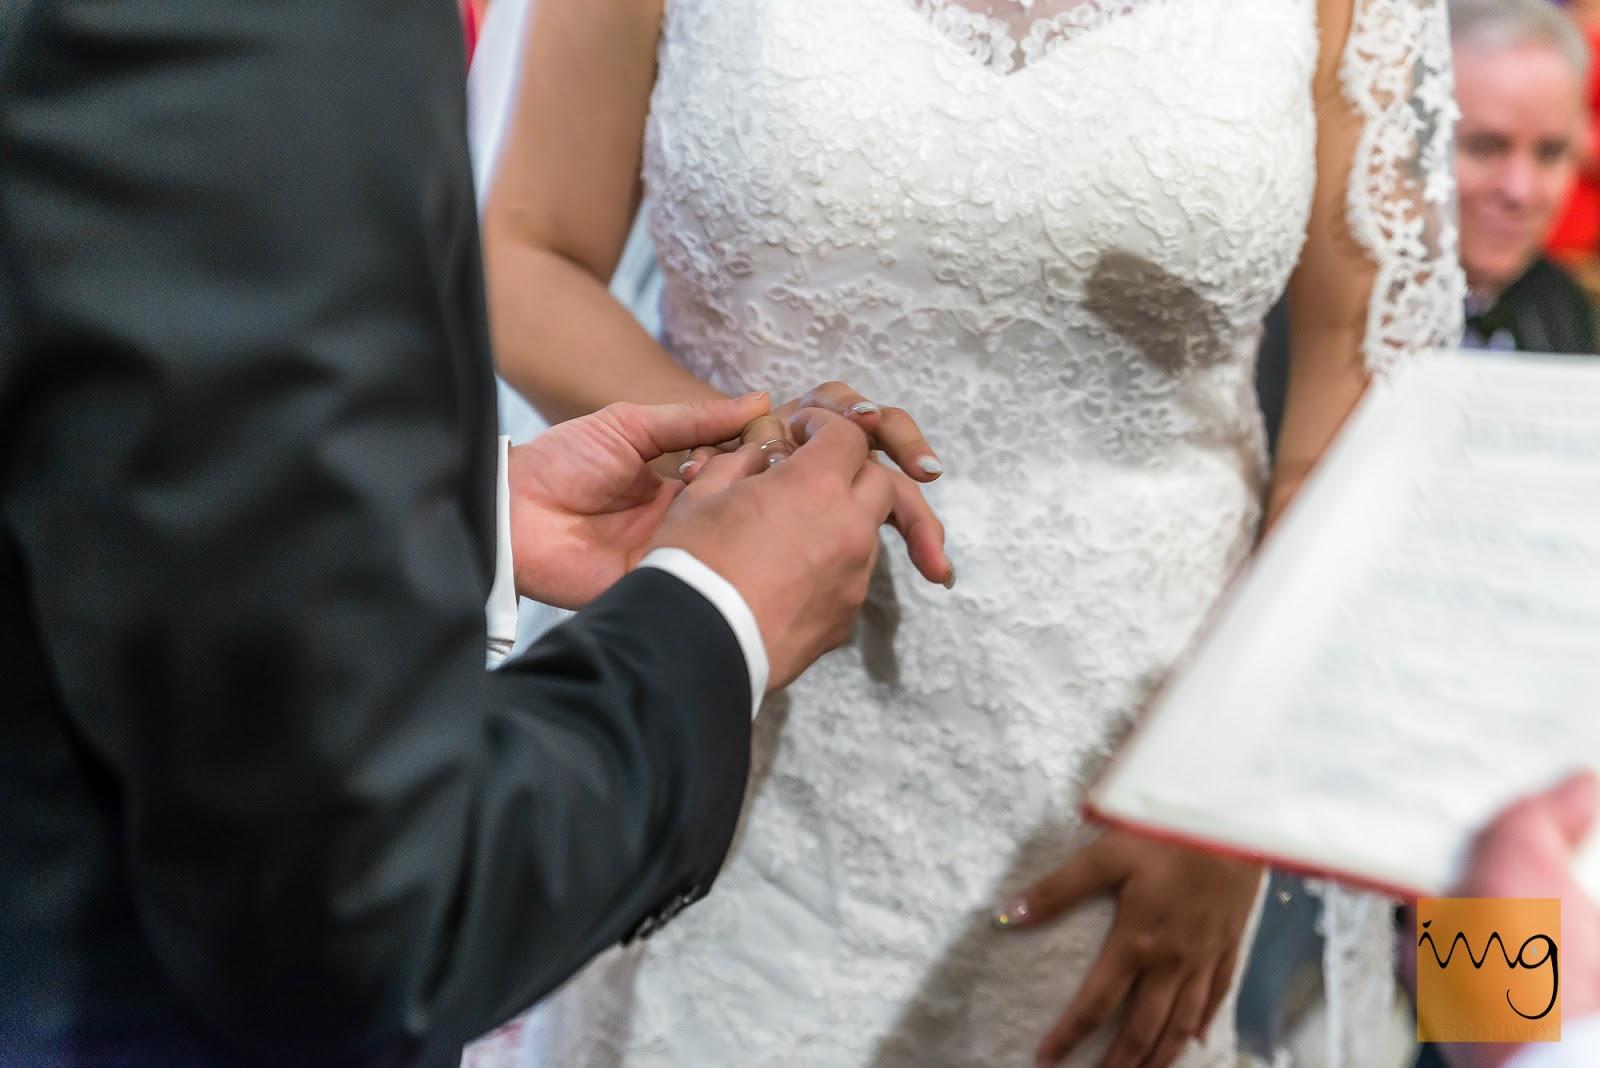 Fotografía del novio poniéndole la alianza a la novia